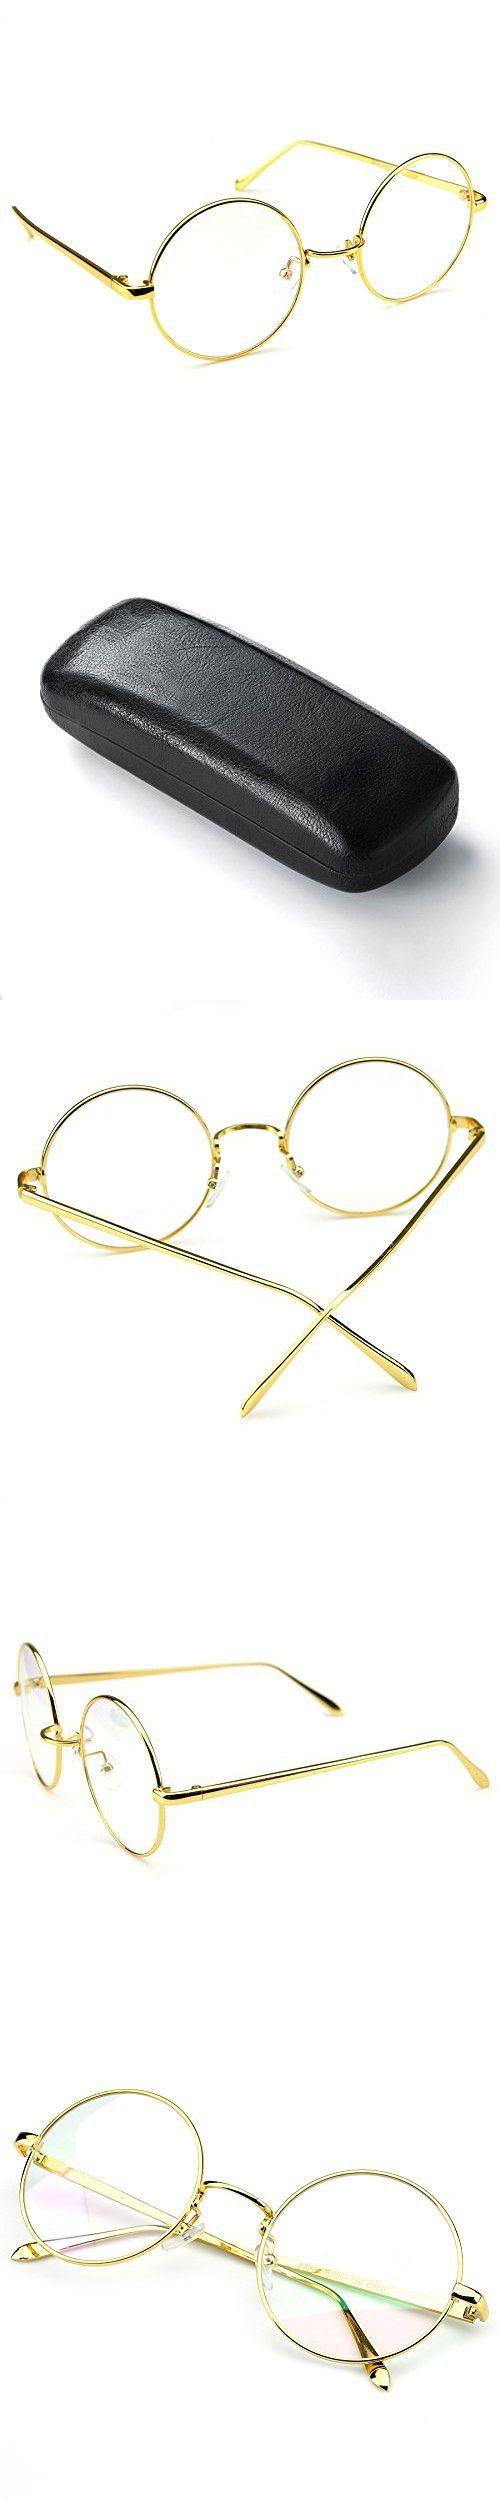 56bc6b661e4 PenSee Circle Oversized Metal Eyeglasses Frame Inspired Horned Rim Clear  Lens Glasses (Gold)